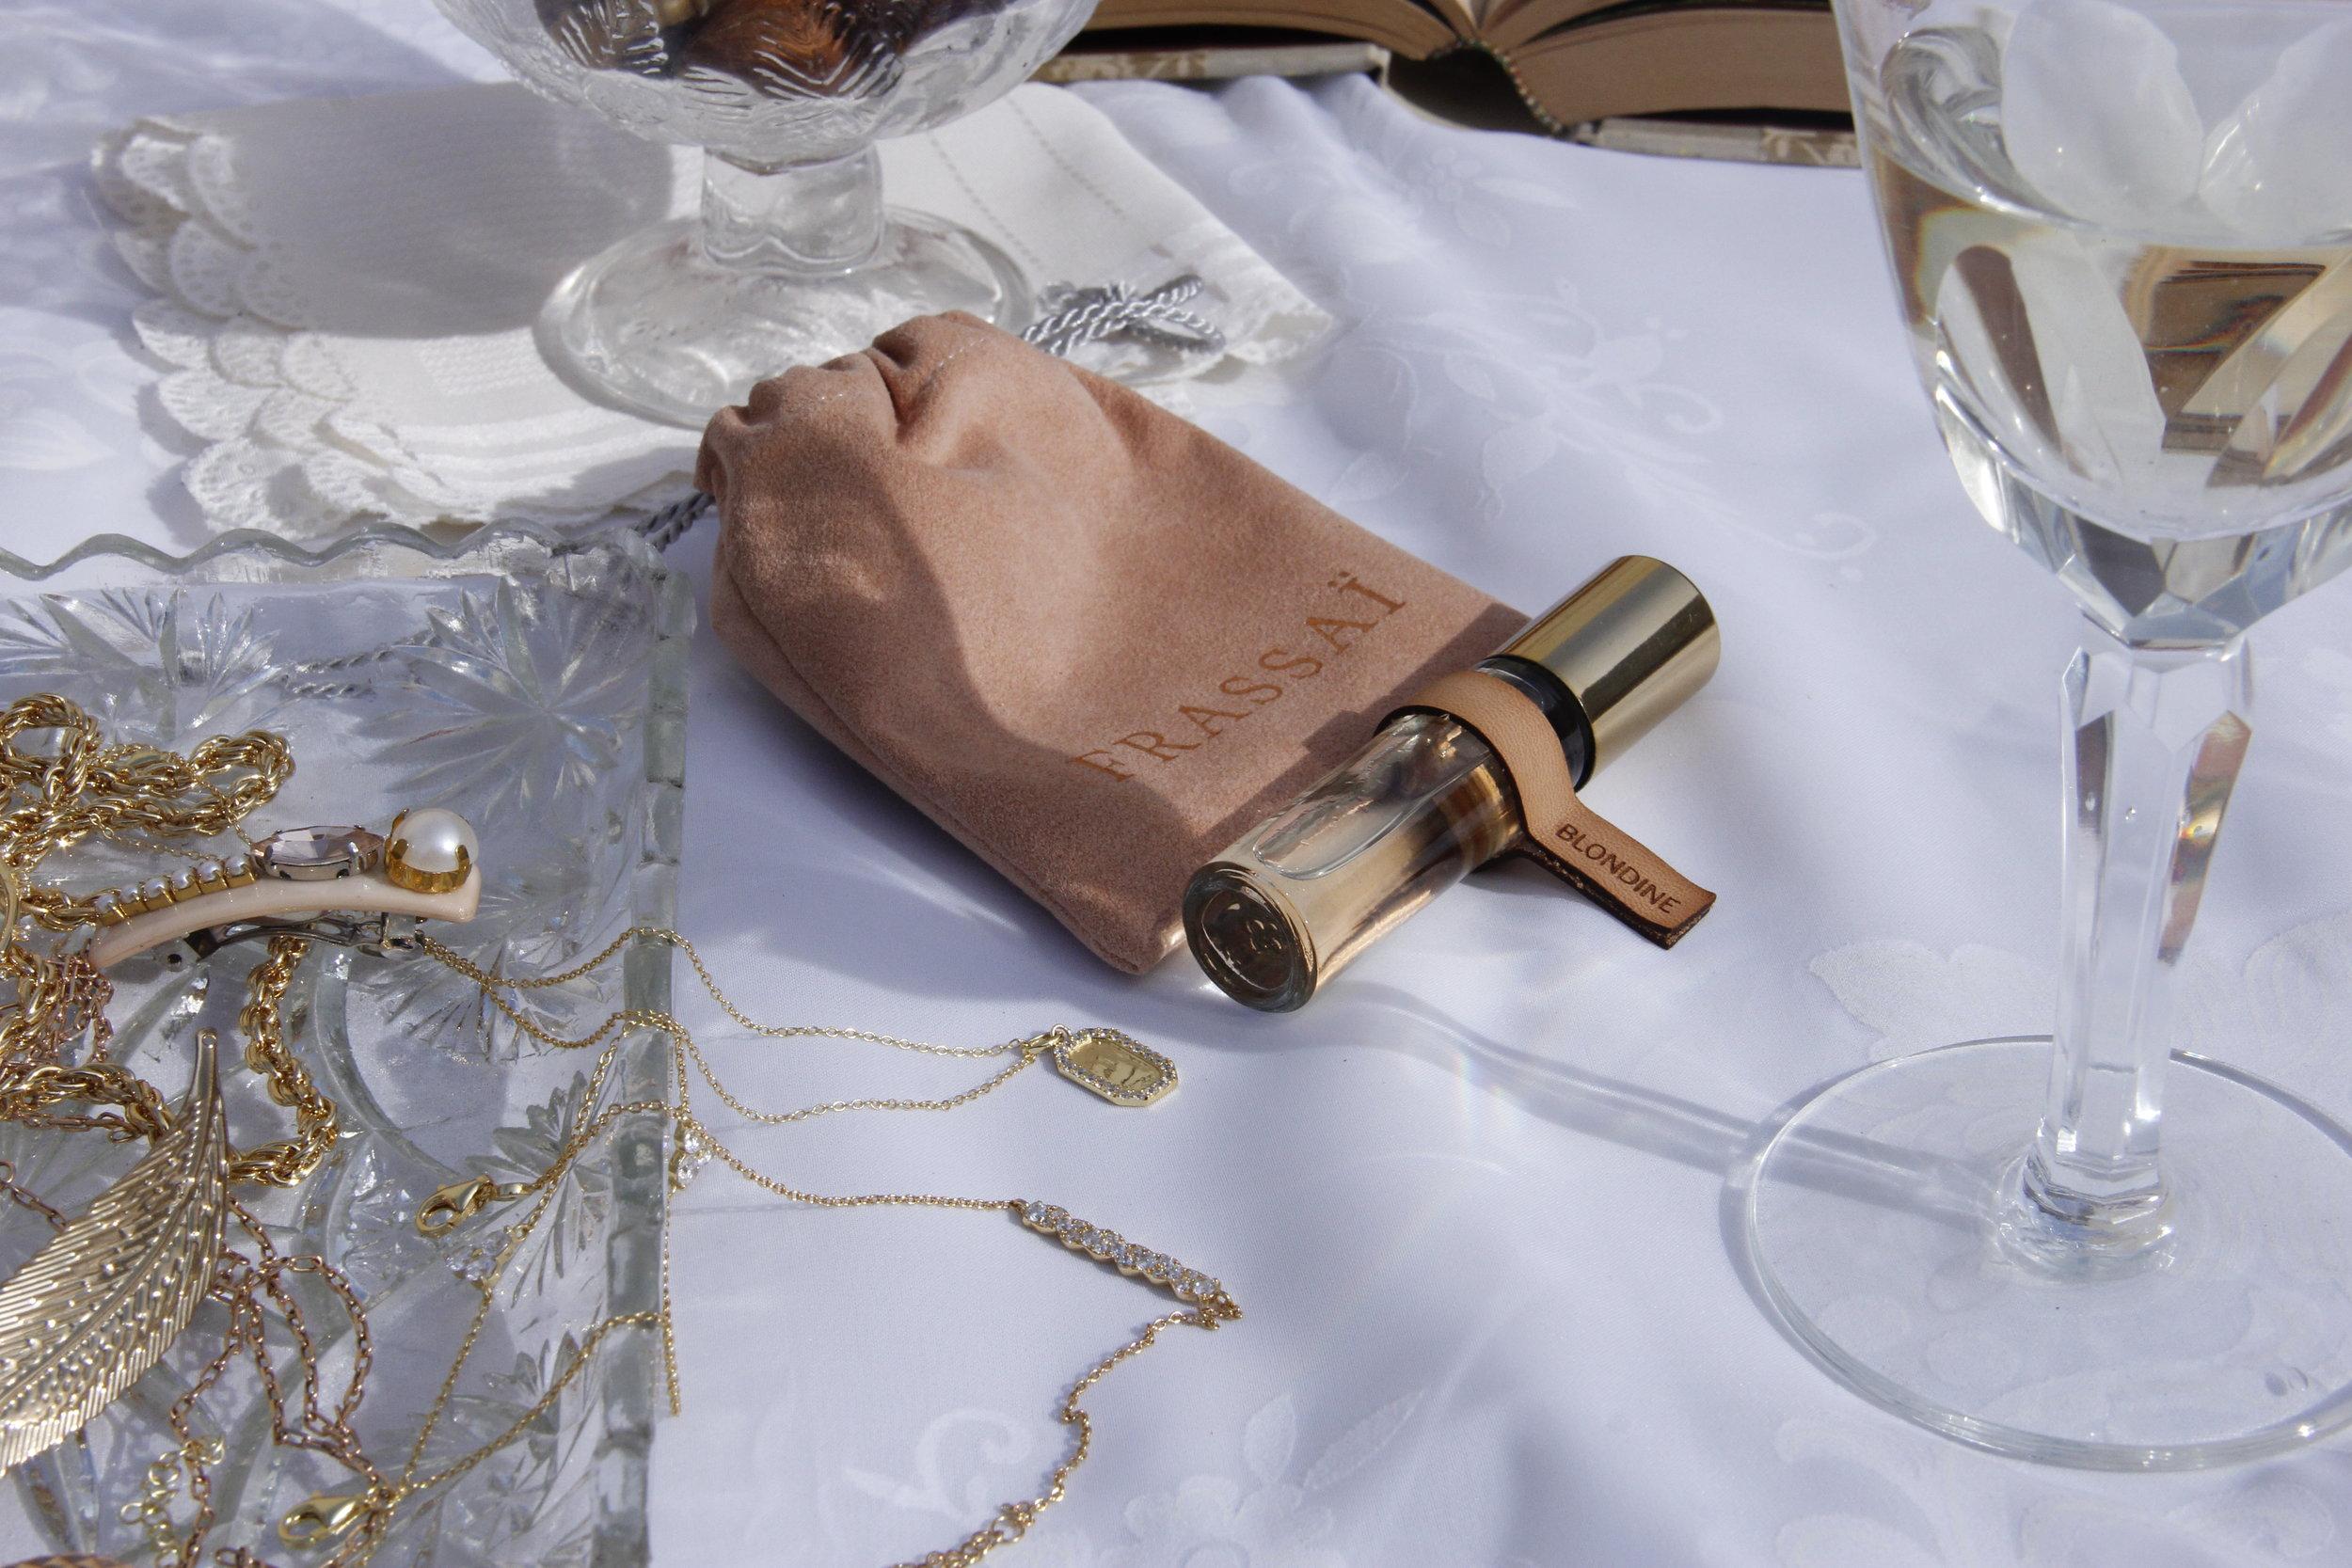 Travel Perfume FRASSAI. Photo: Gigi Martino